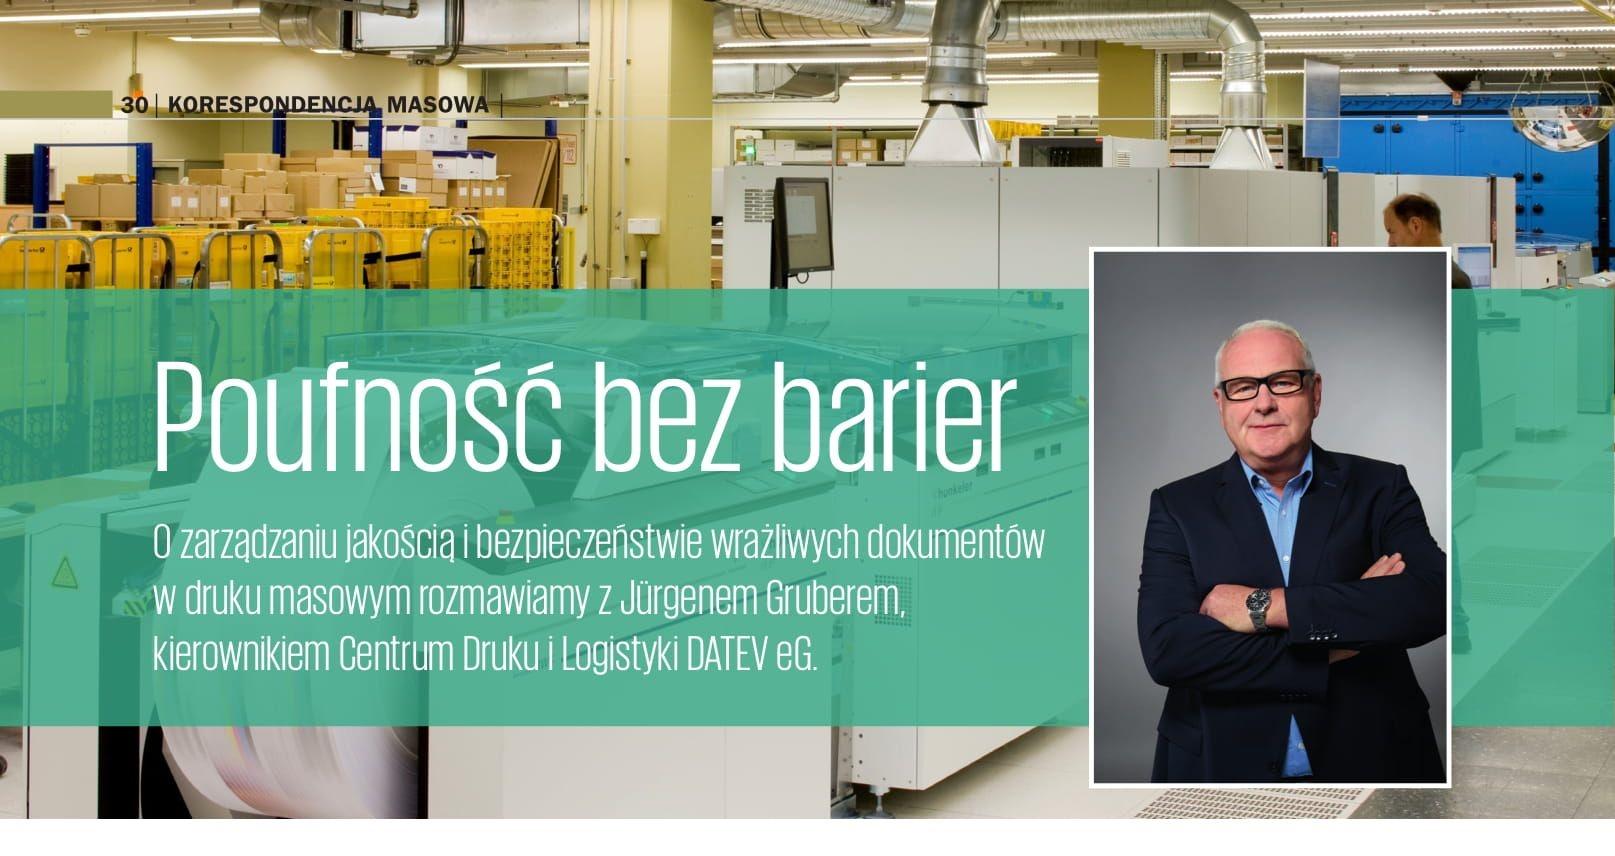 O zarządzaniu jakością i bezpieczeństwie wrażliwych dokumentów w druku masowym